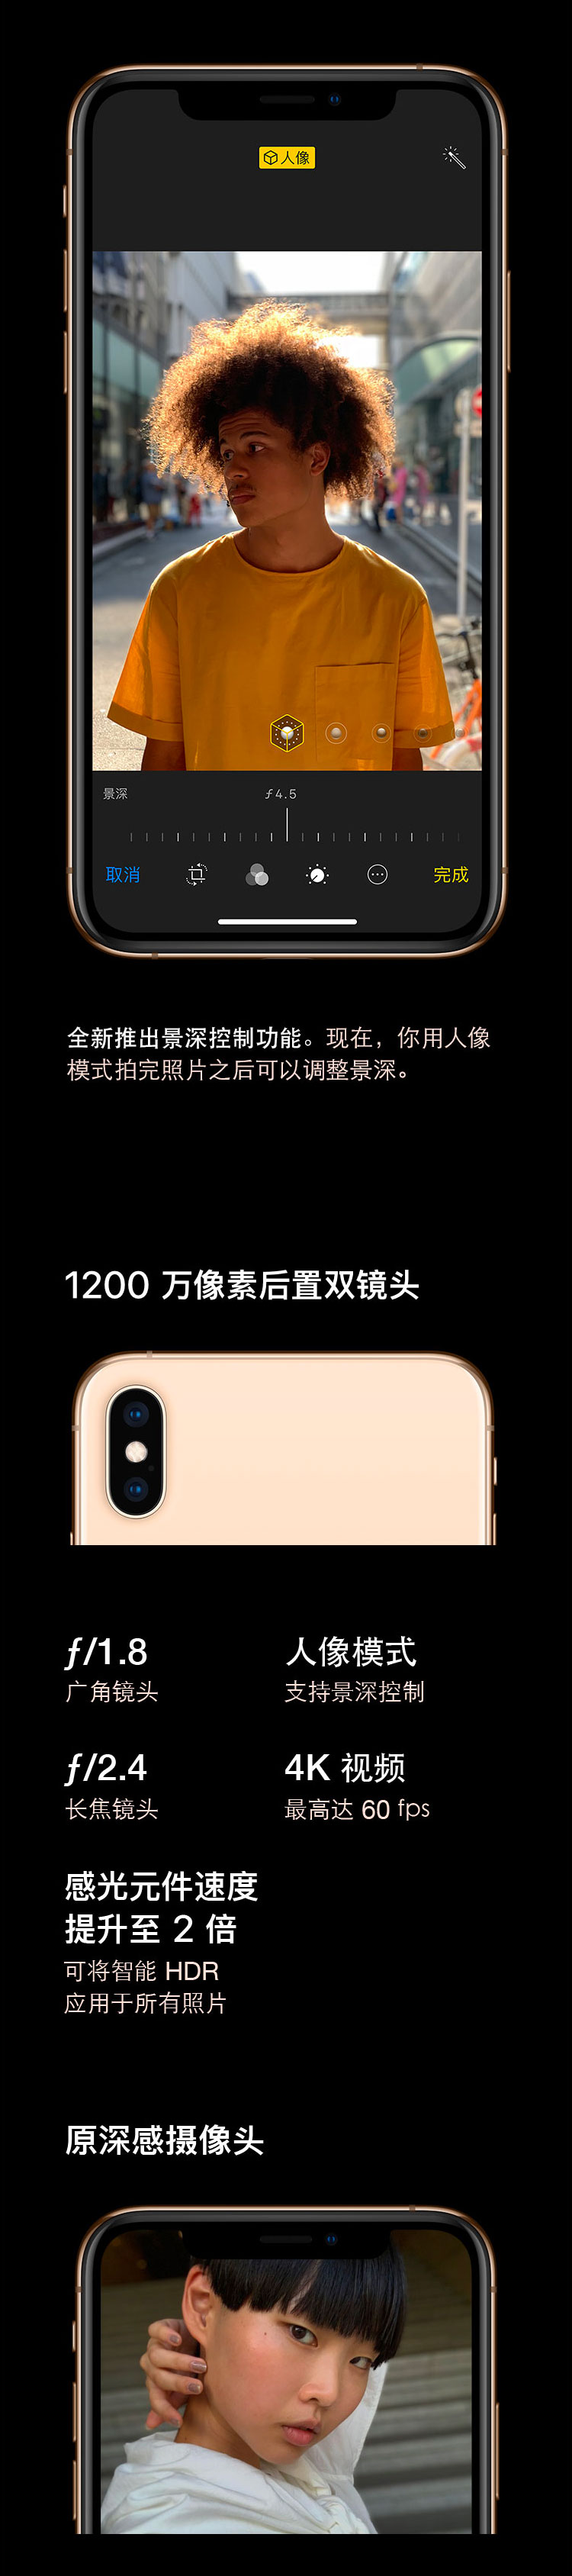 中山手机网 苹果(apple) iphonexs手机专卖